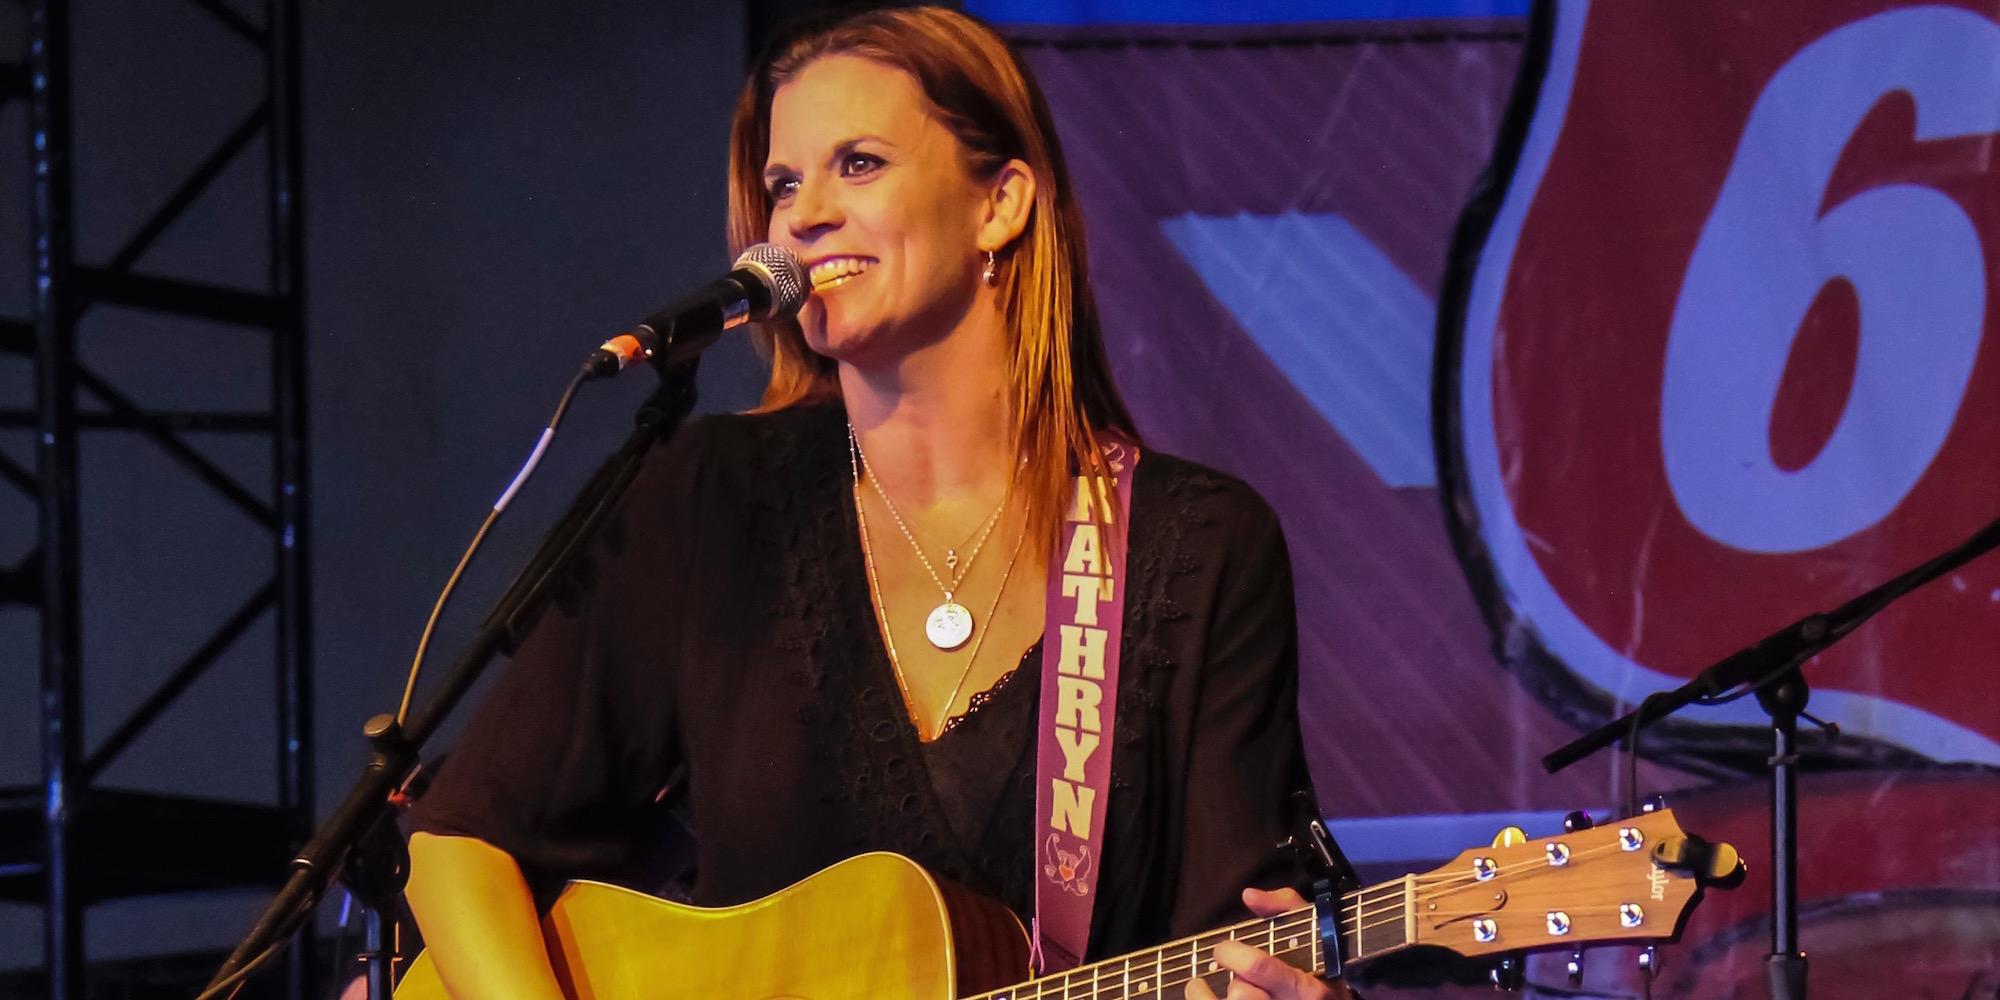 Kathryn Cloward at the San Diego County Fair